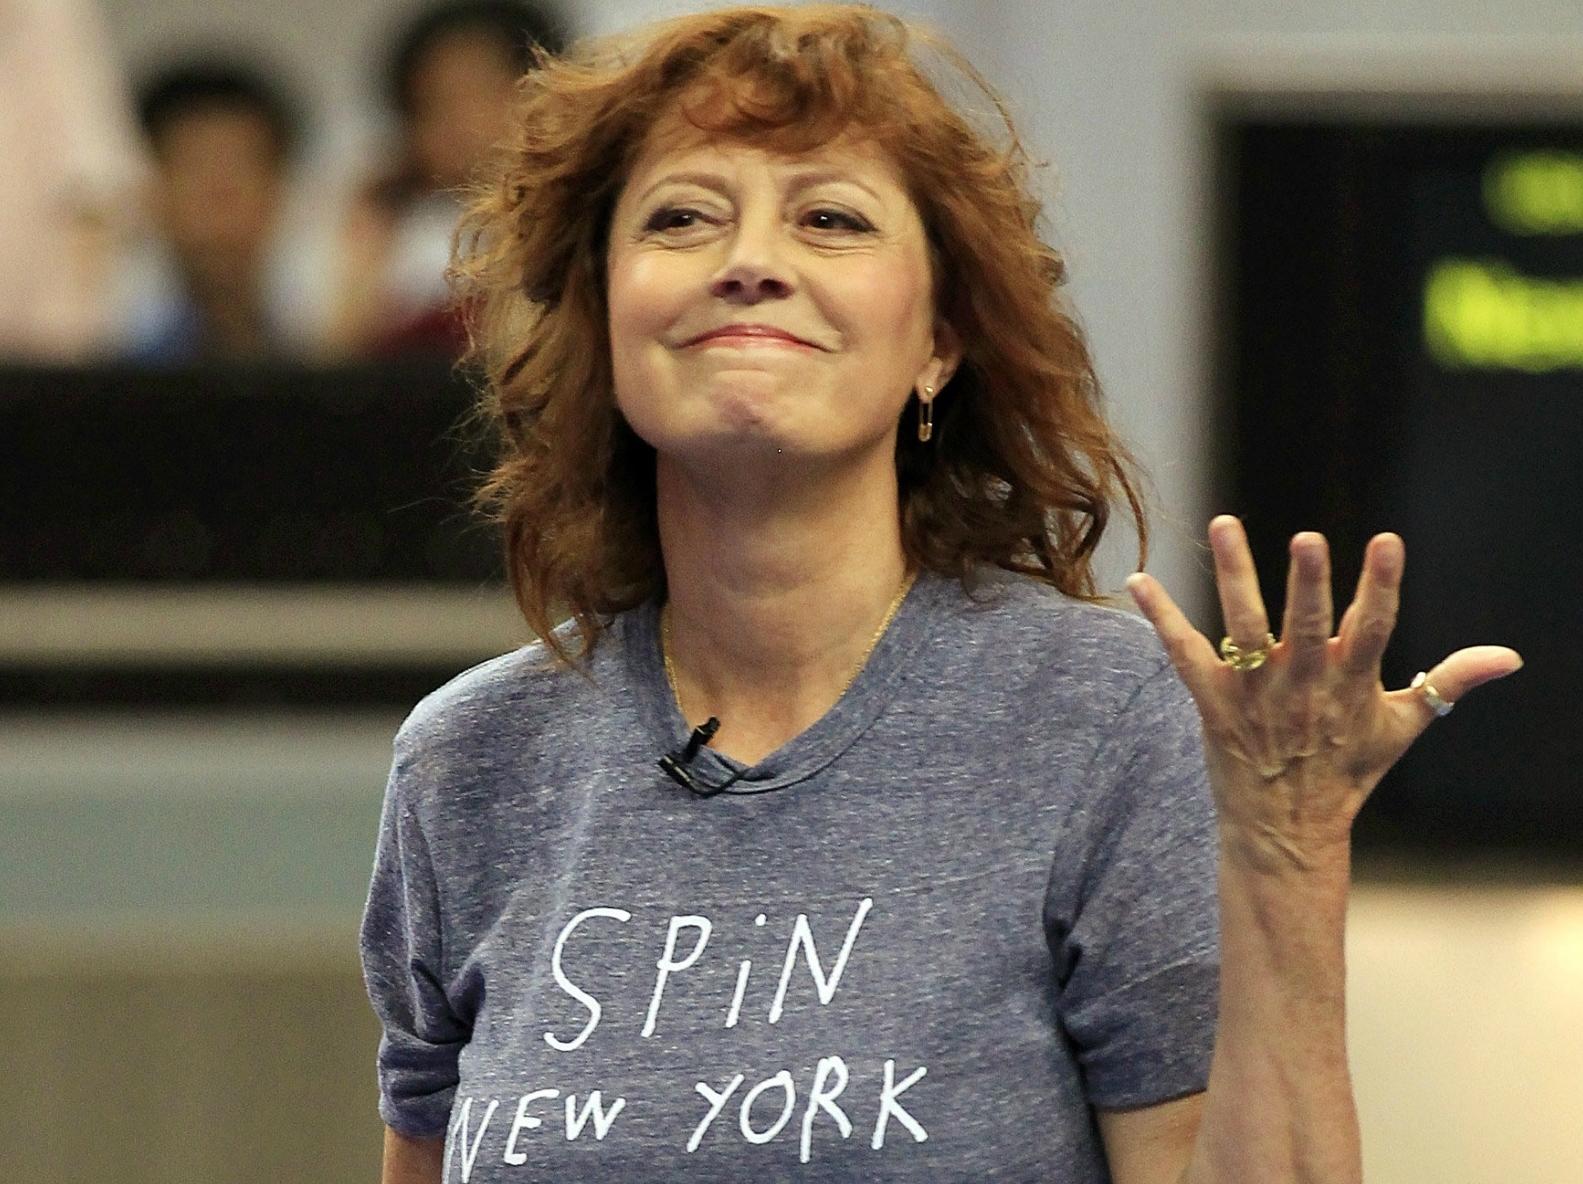 Susan Sarandon: Limbaugh Listeners 'Nonthinking,' GOP Candidates 'Ridiculous'